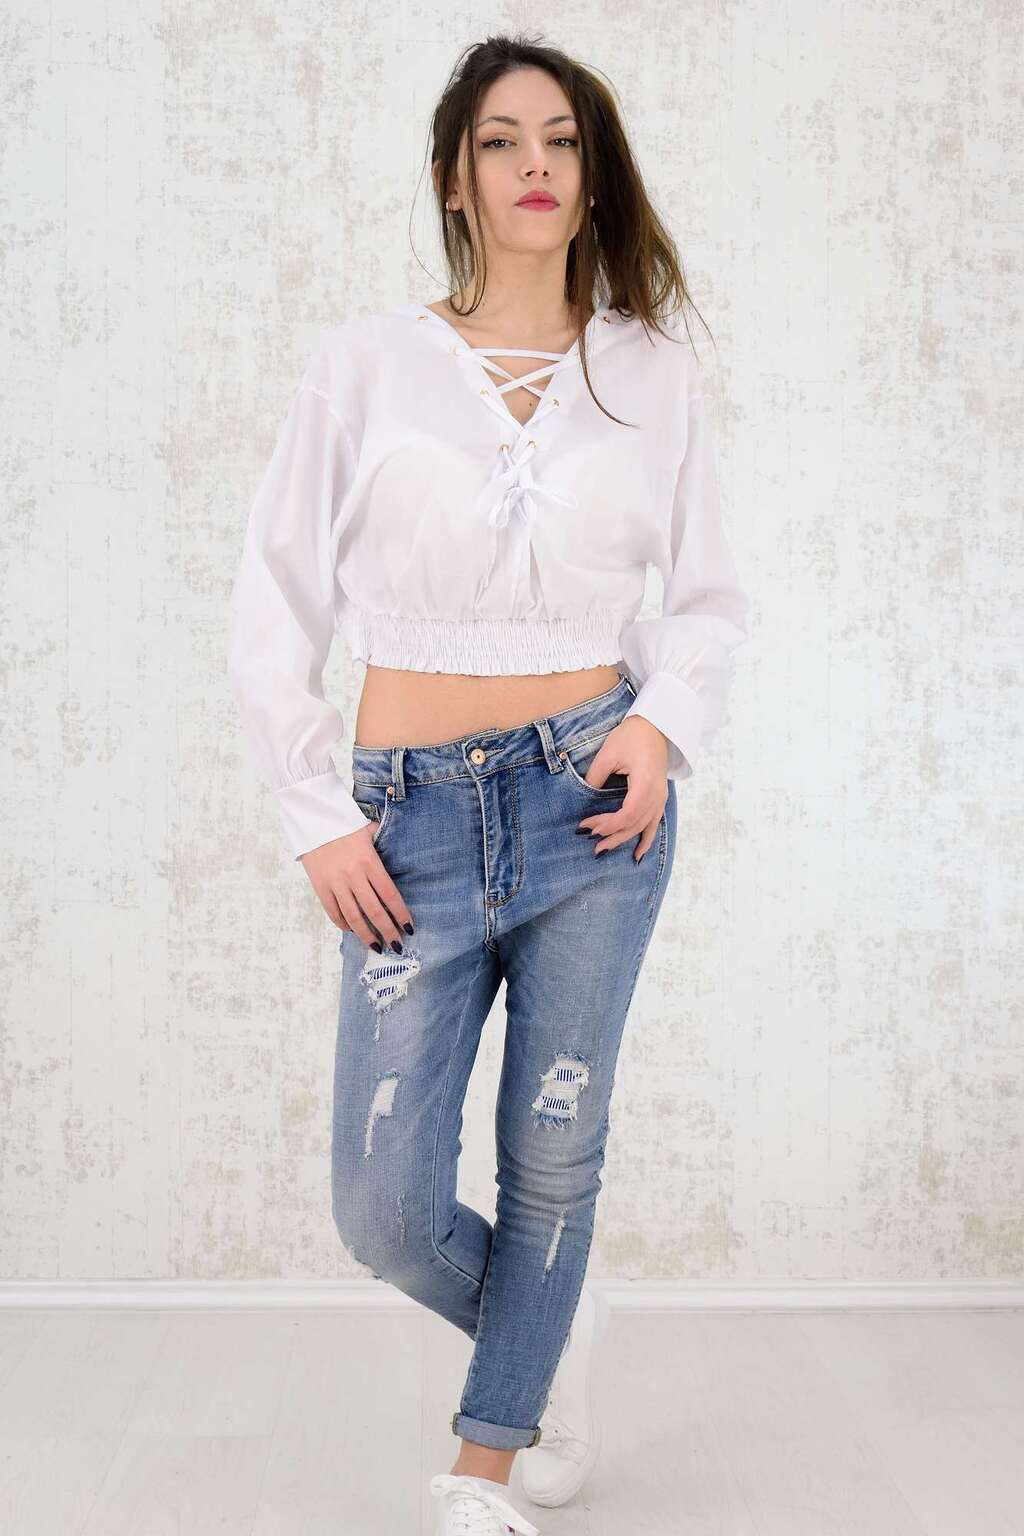 Κοντό πουκάμισο. Tap to expand dad8623e61e